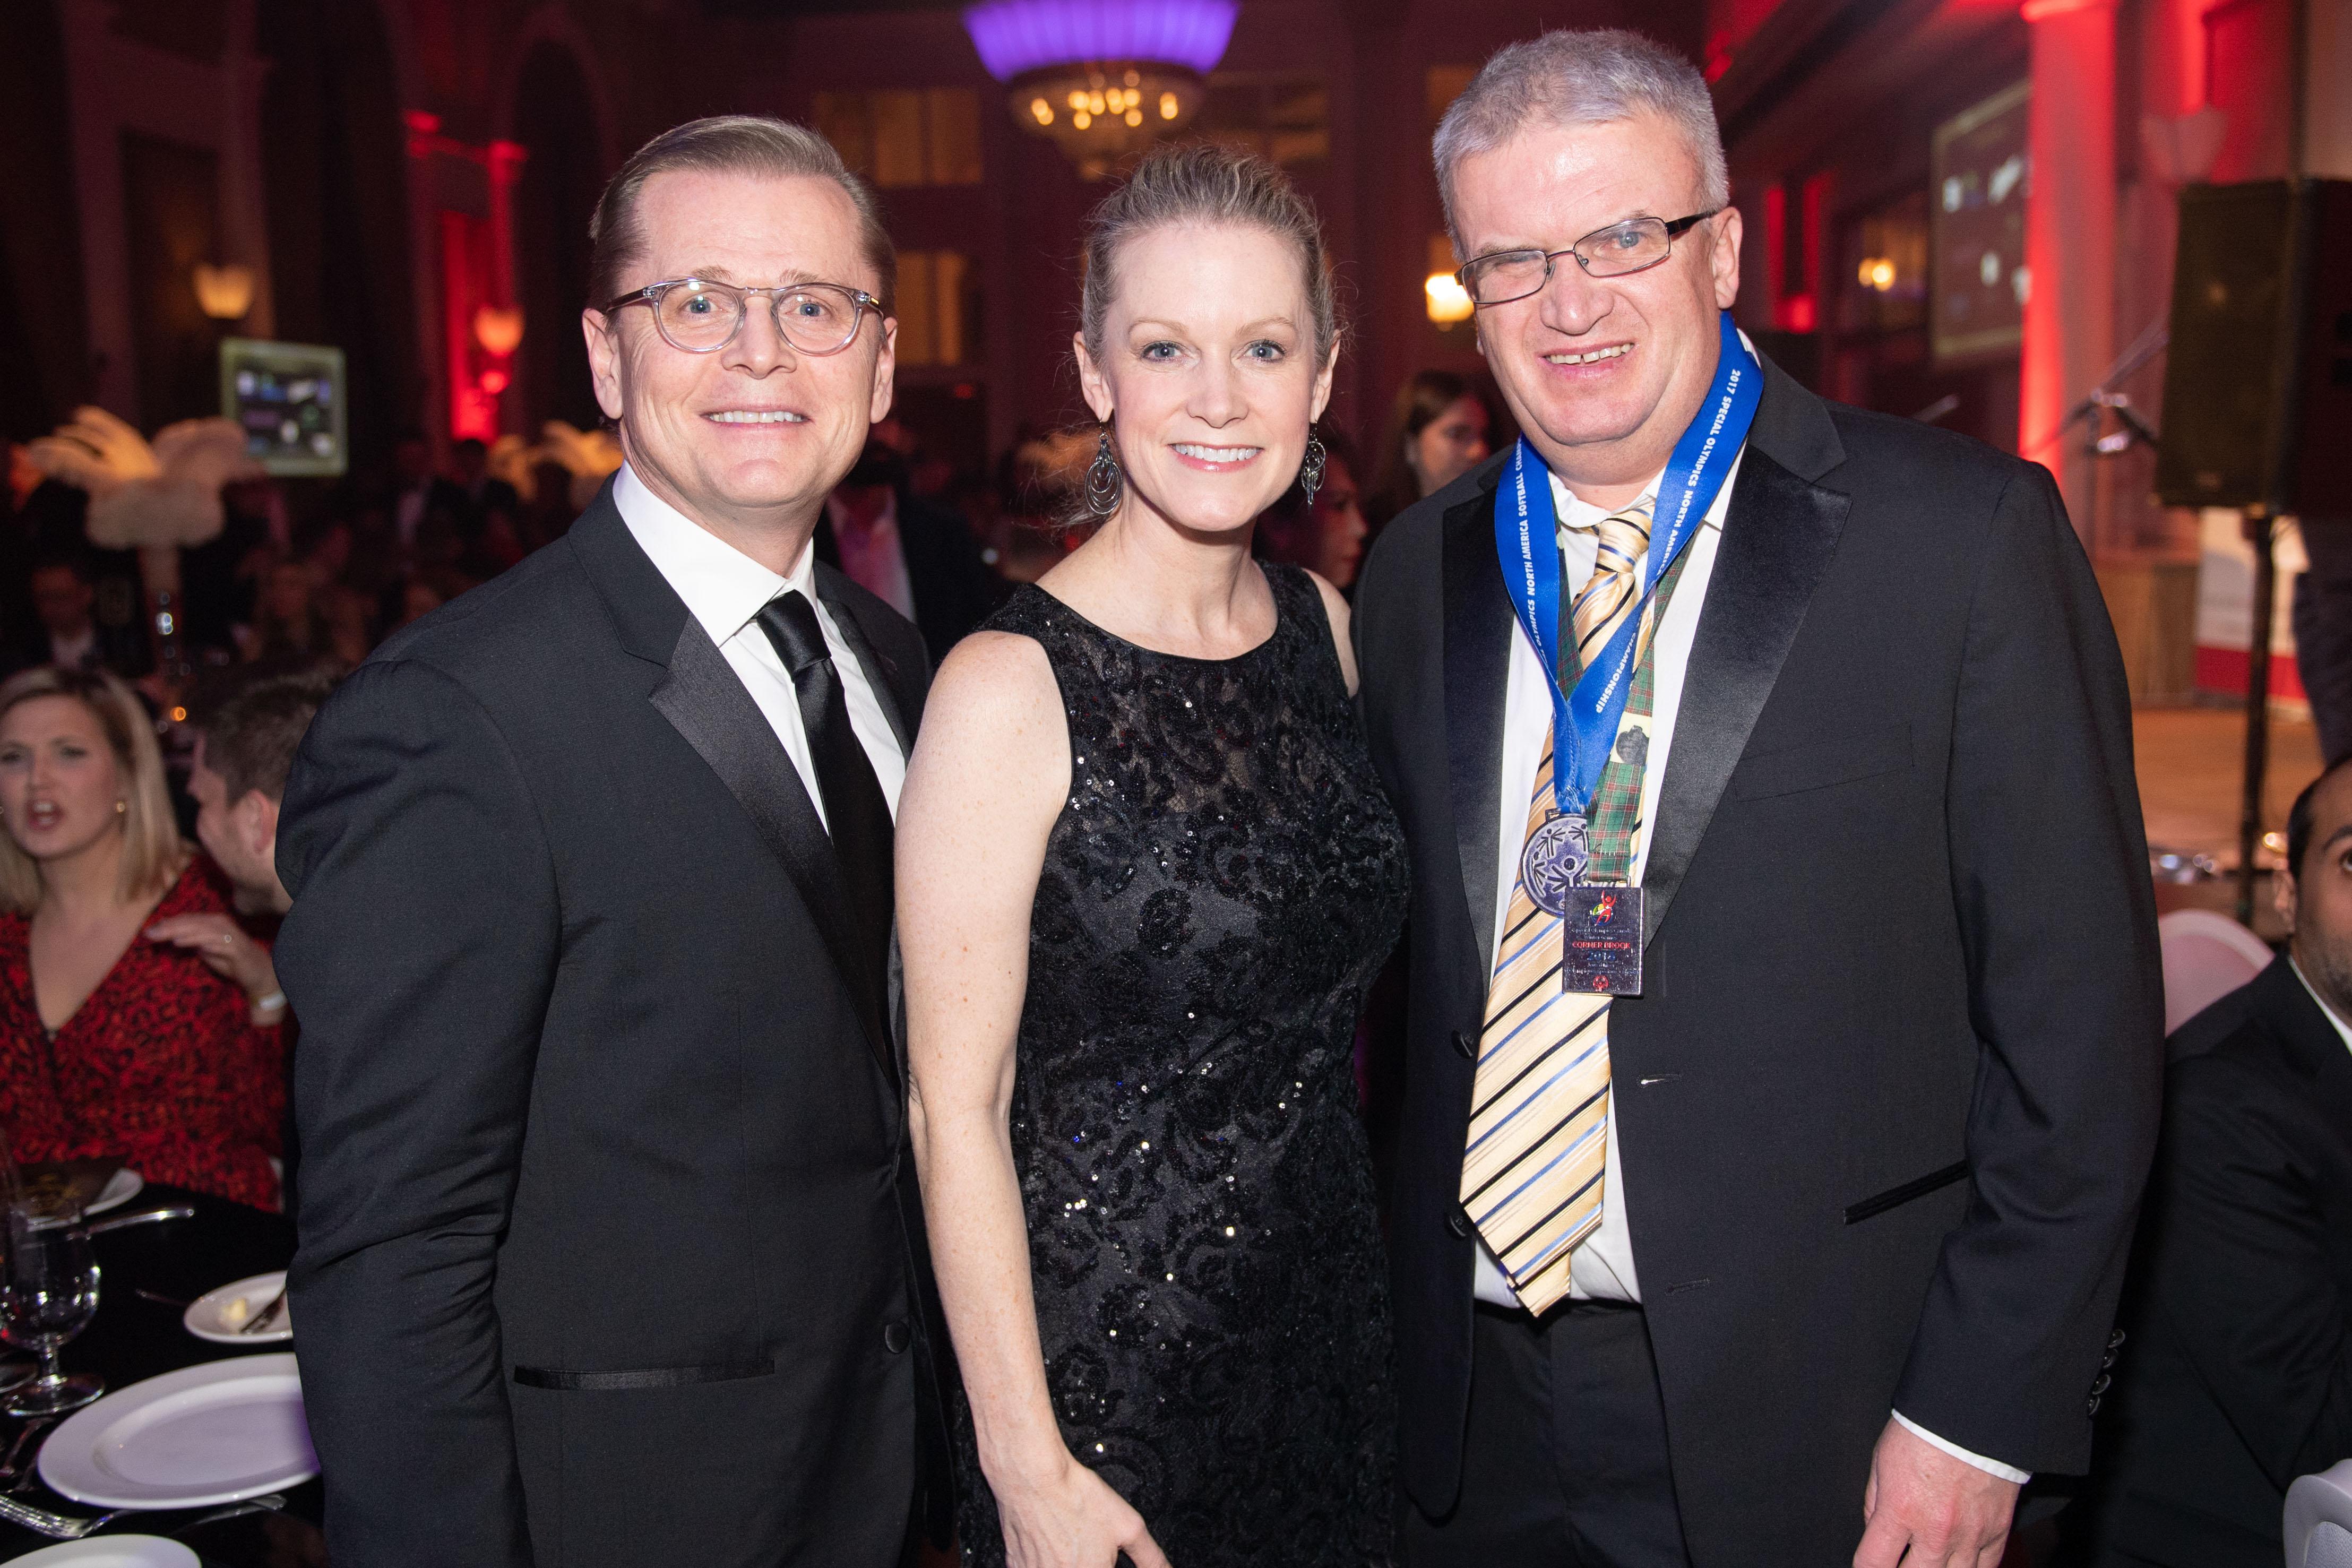 James MacQueen, Rachel MacQueen, Kevin Timberlake